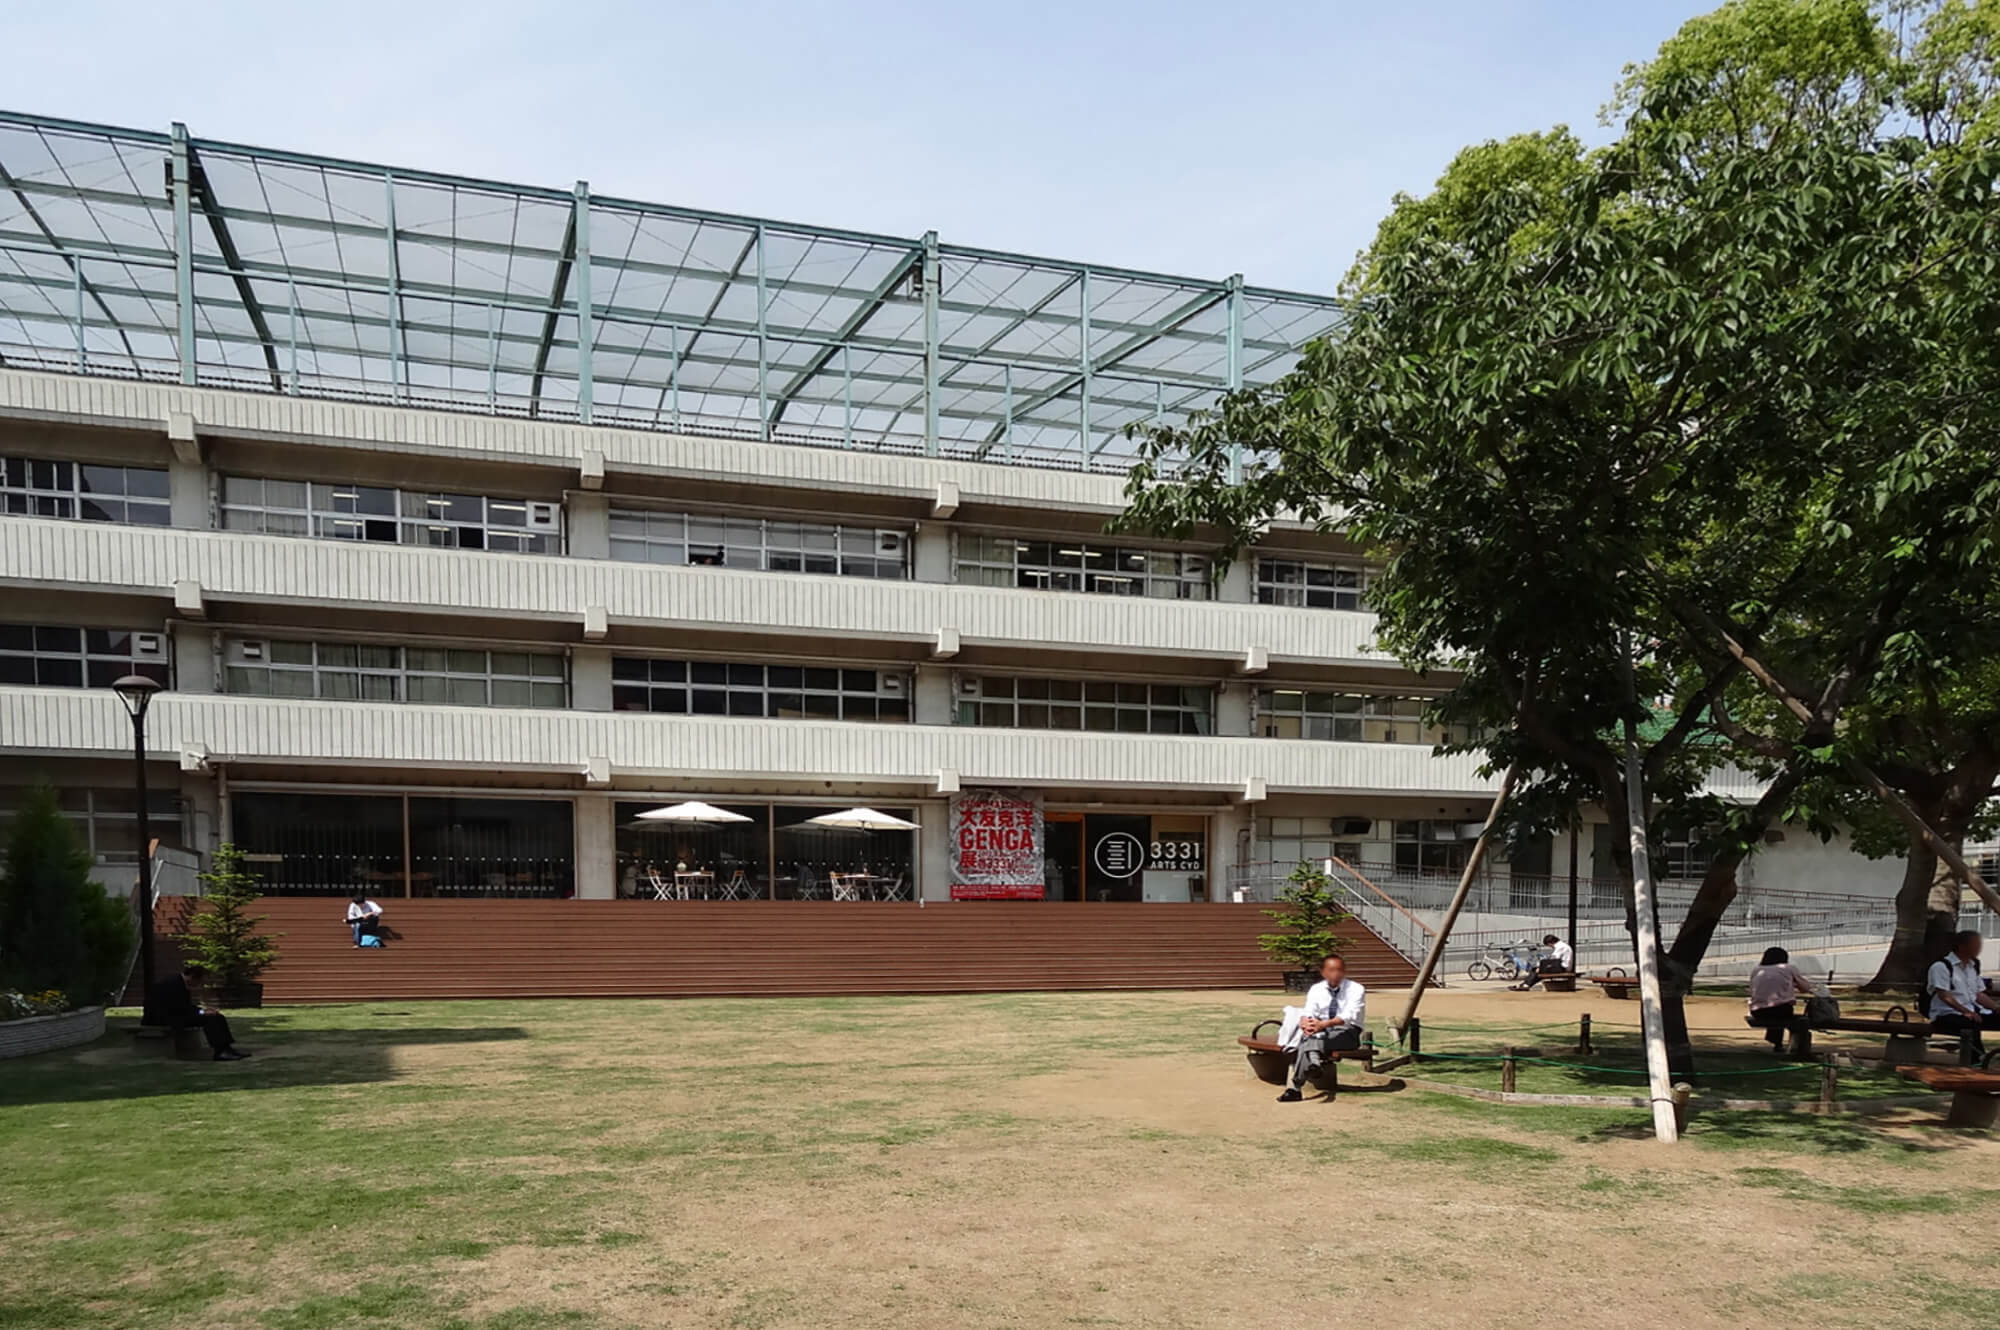 ちよだアートスクエア構想 施設計画・運営計画策定業務(現3331アーツ千代田)|offsociety inc. Chiyoda Art Square - Project & Management Planning 現代美術・アート Contemporary Art